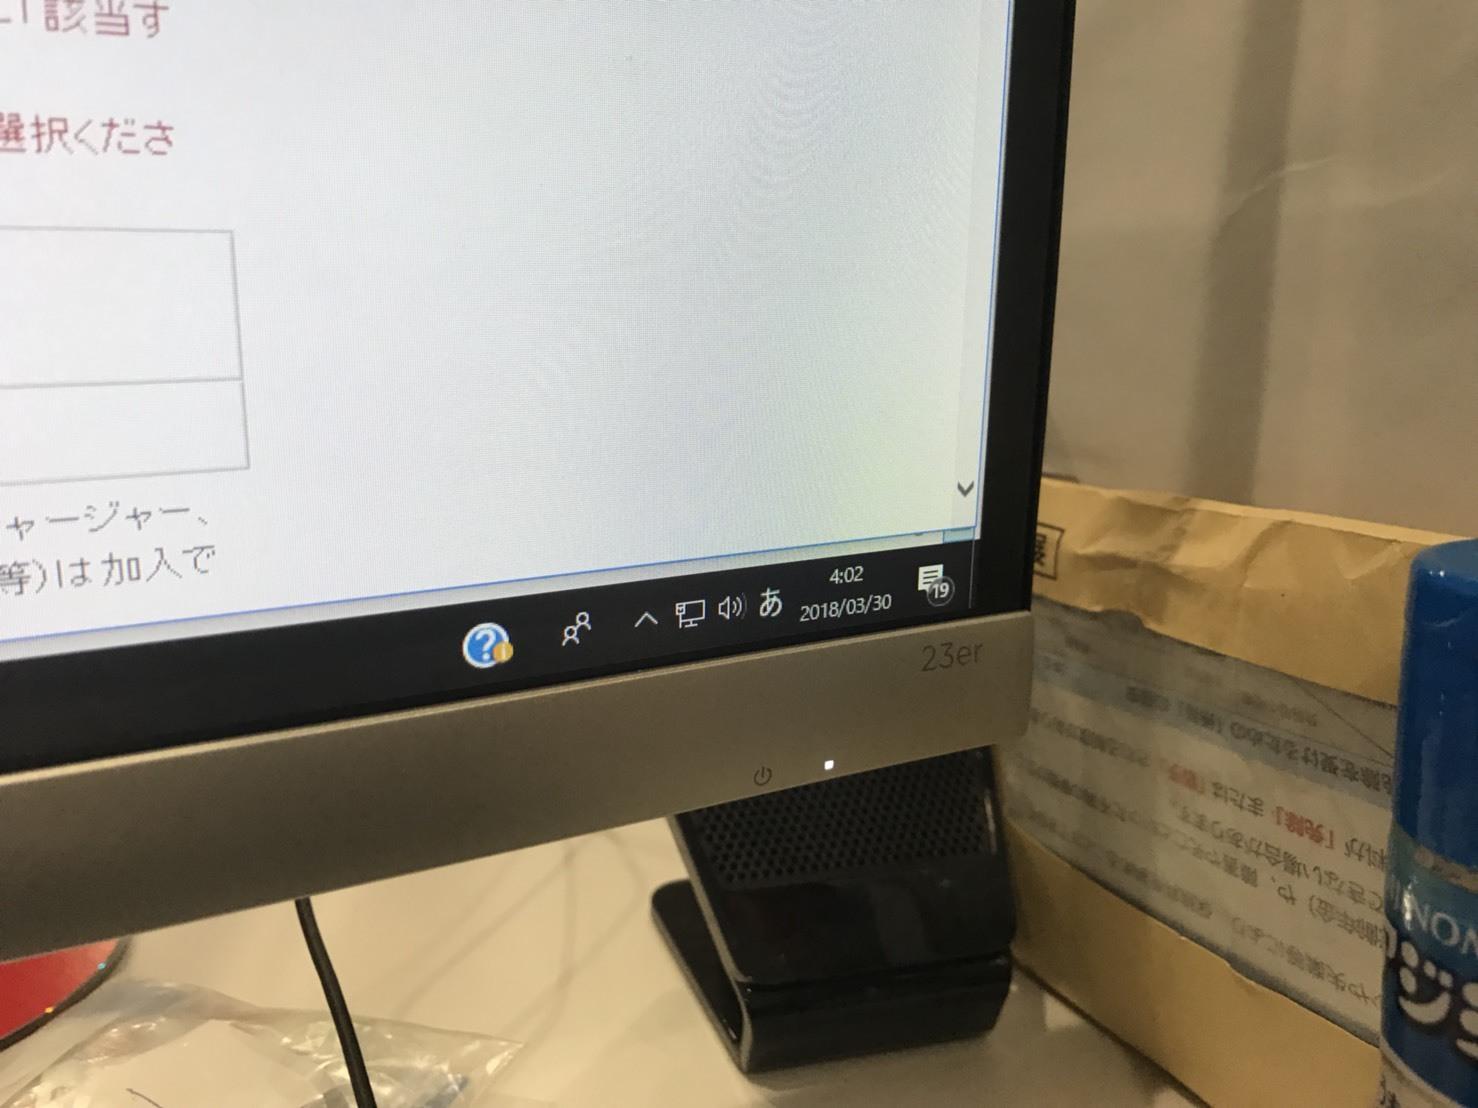 3月30日(金)トミーベース カスタムブログ☆S社様、新車のヴェルファイア到着☆カマロカスタム中☆_b0127002_11162121.jpg